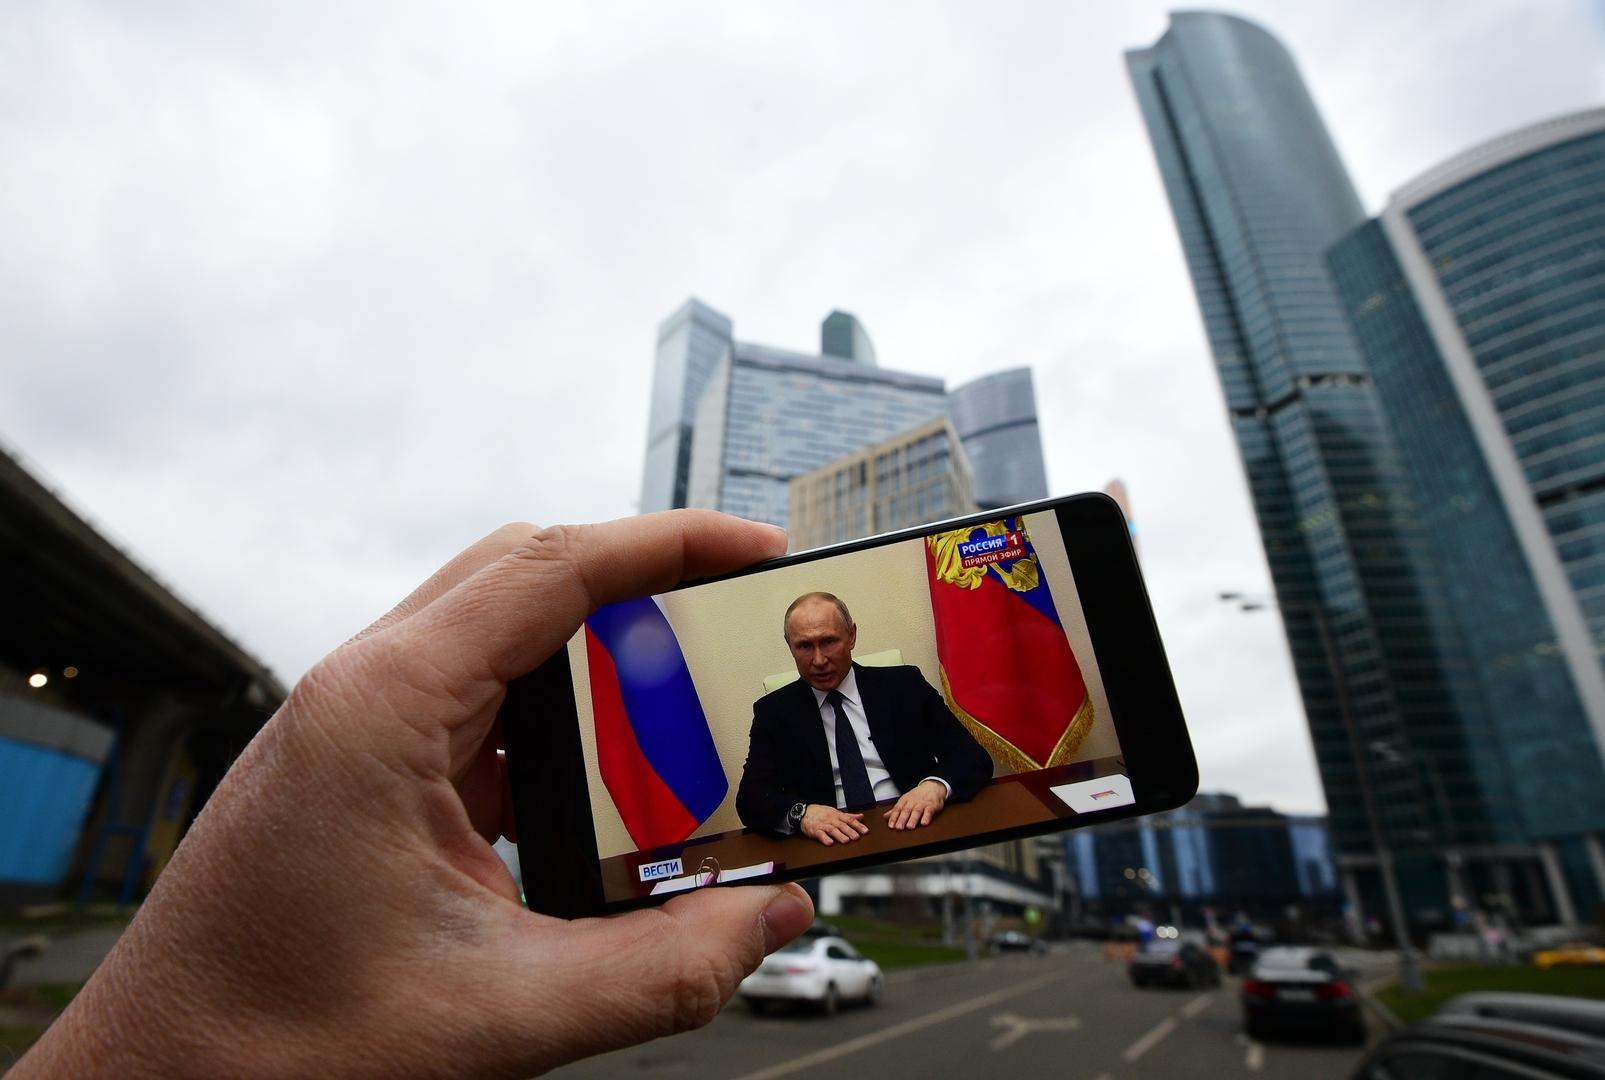 بوتين: خطر كورونا لا يزال قائما وذروته لم تأت بعد في العالم ودولتنا